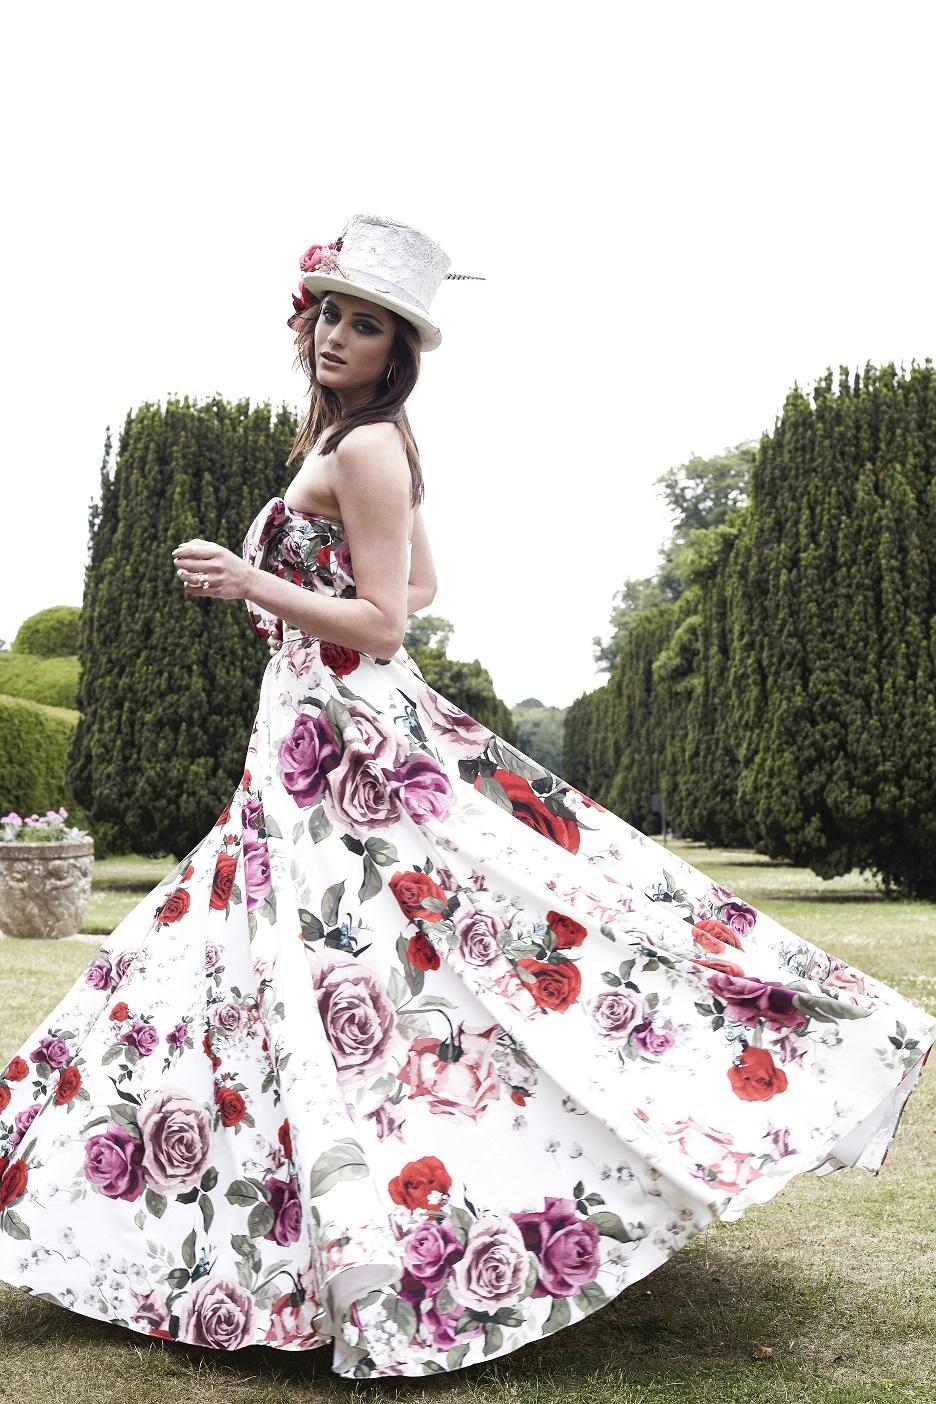 floral_rose_dress.jpg